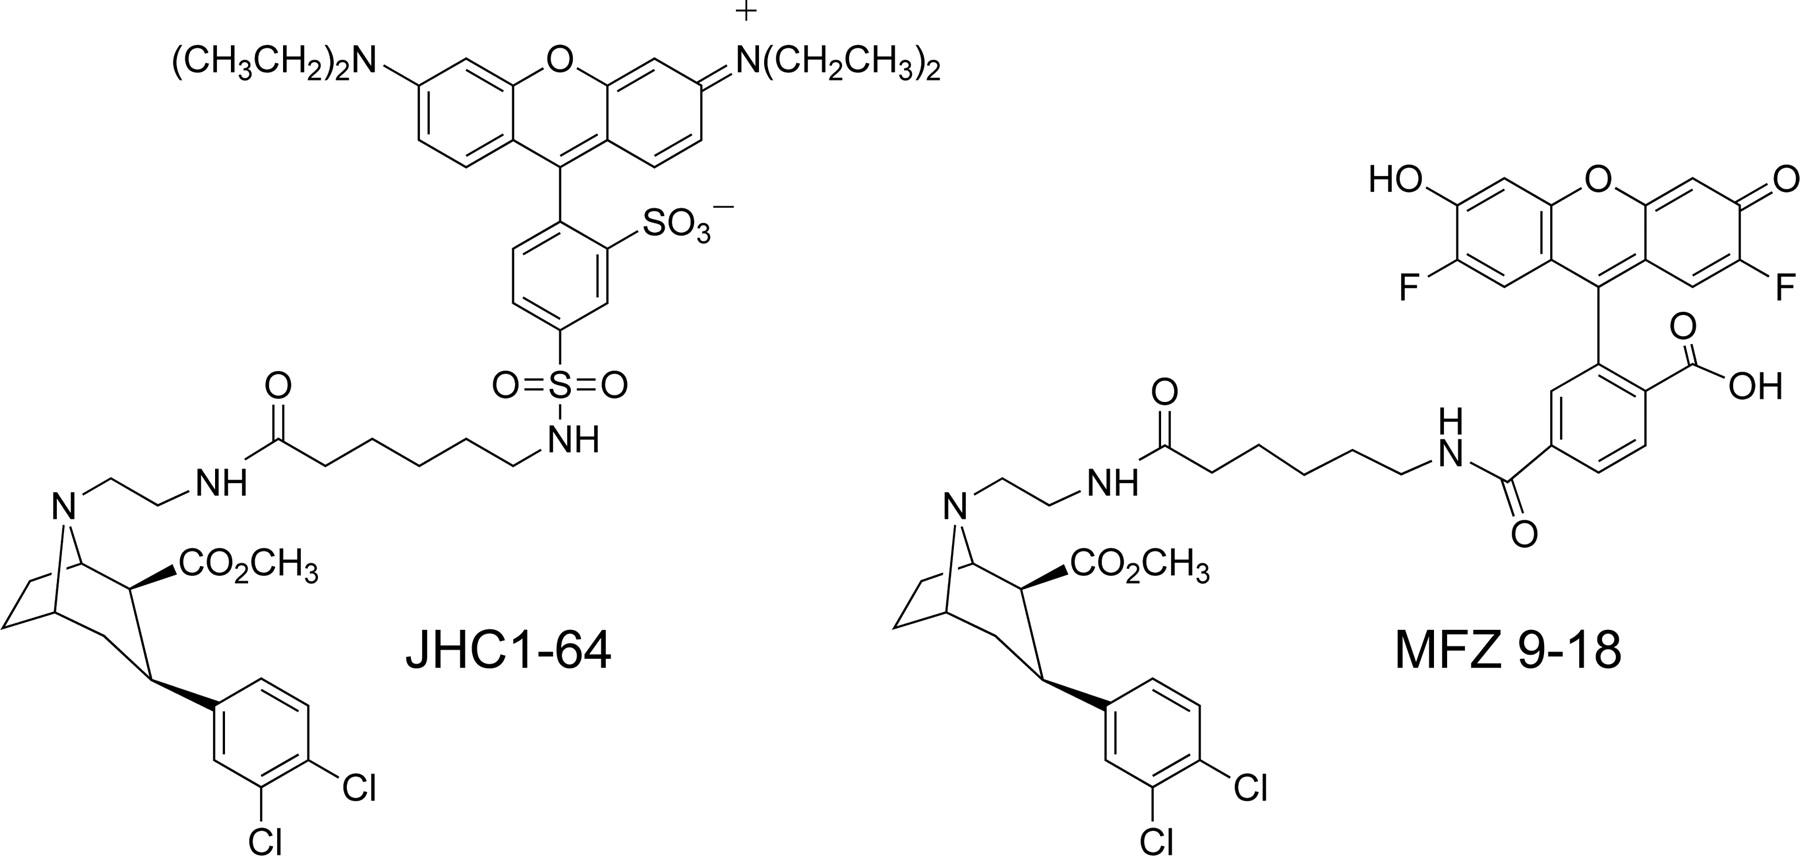 cocaine sythesis